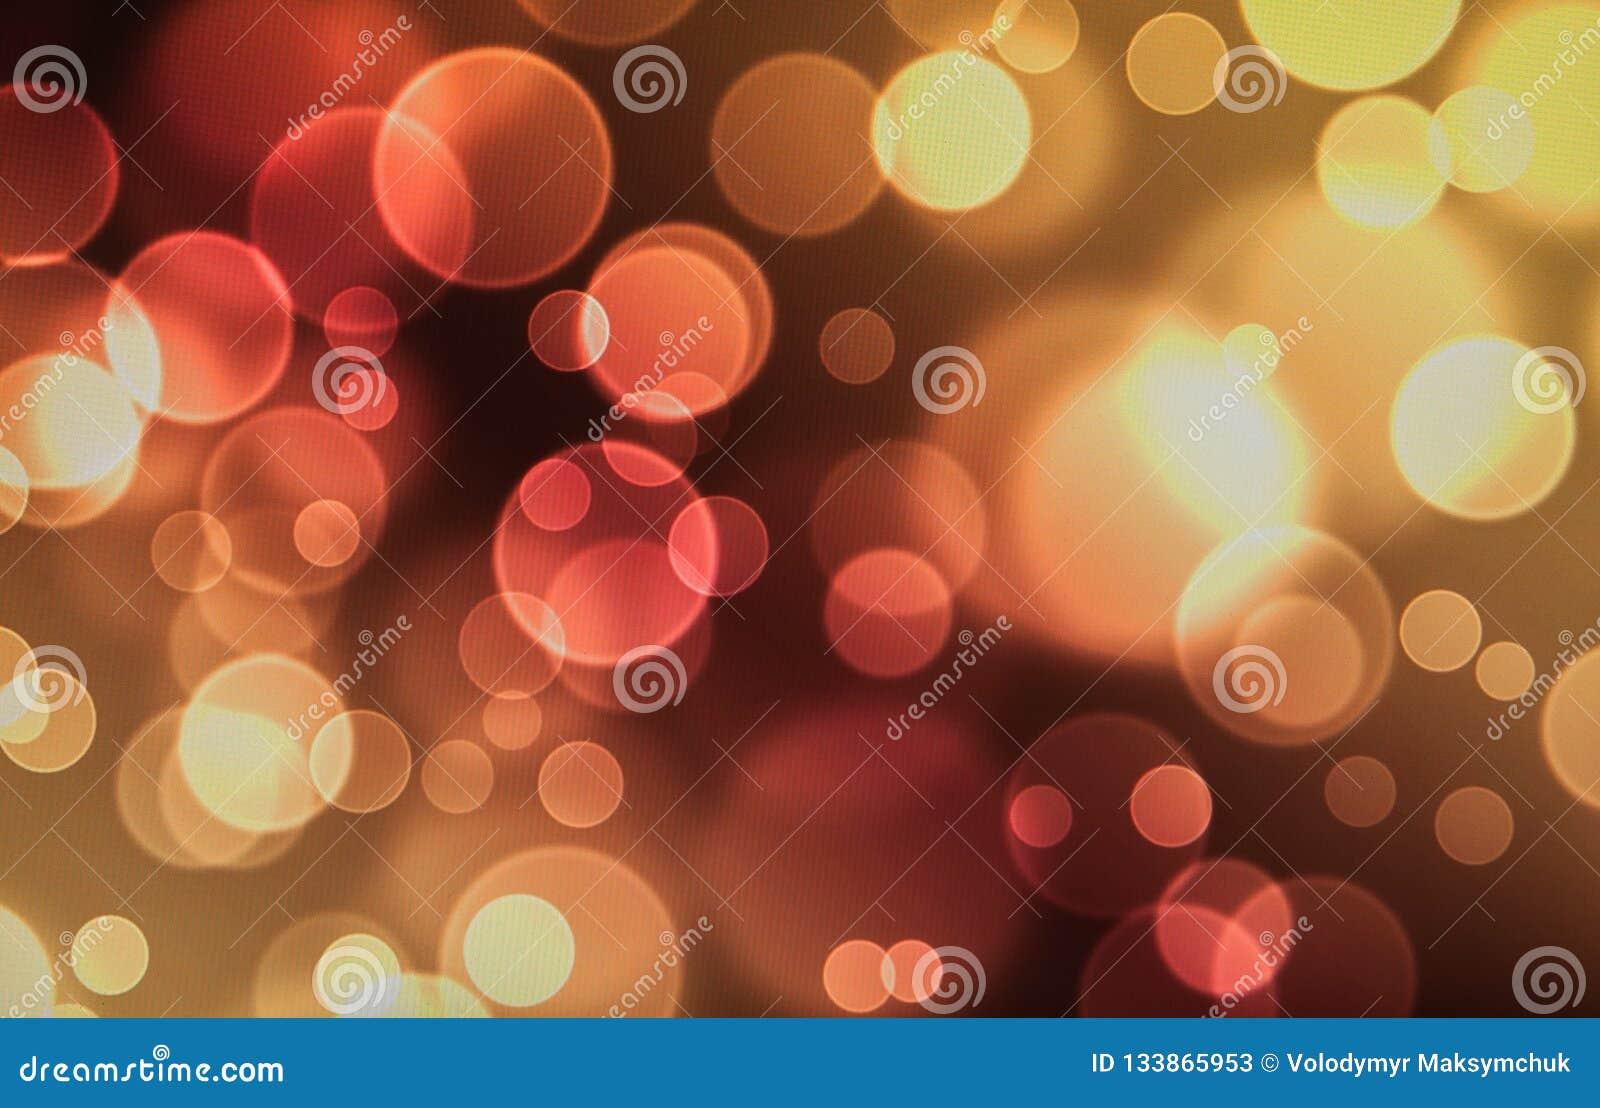 Kerzenlicht boke Unschärfe für Hintergrund, Kerzenlicht boke Unschärfe für Hintergrund Bokee-Hintergrund